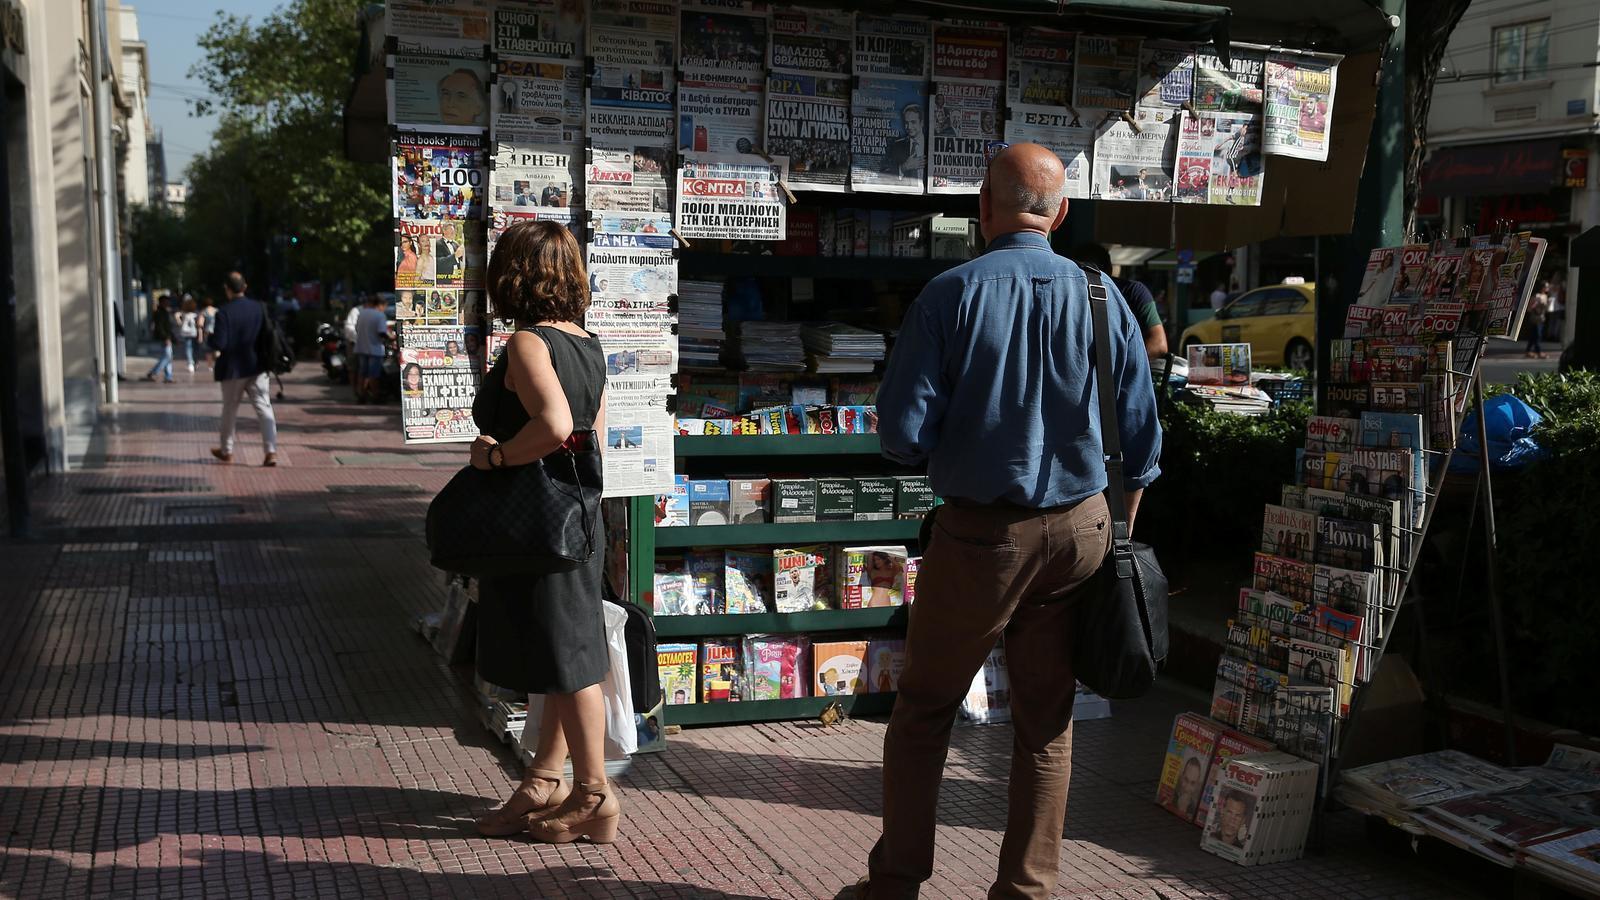 Els grecs es desfan dels diputats neonazis d'Alba Daurada